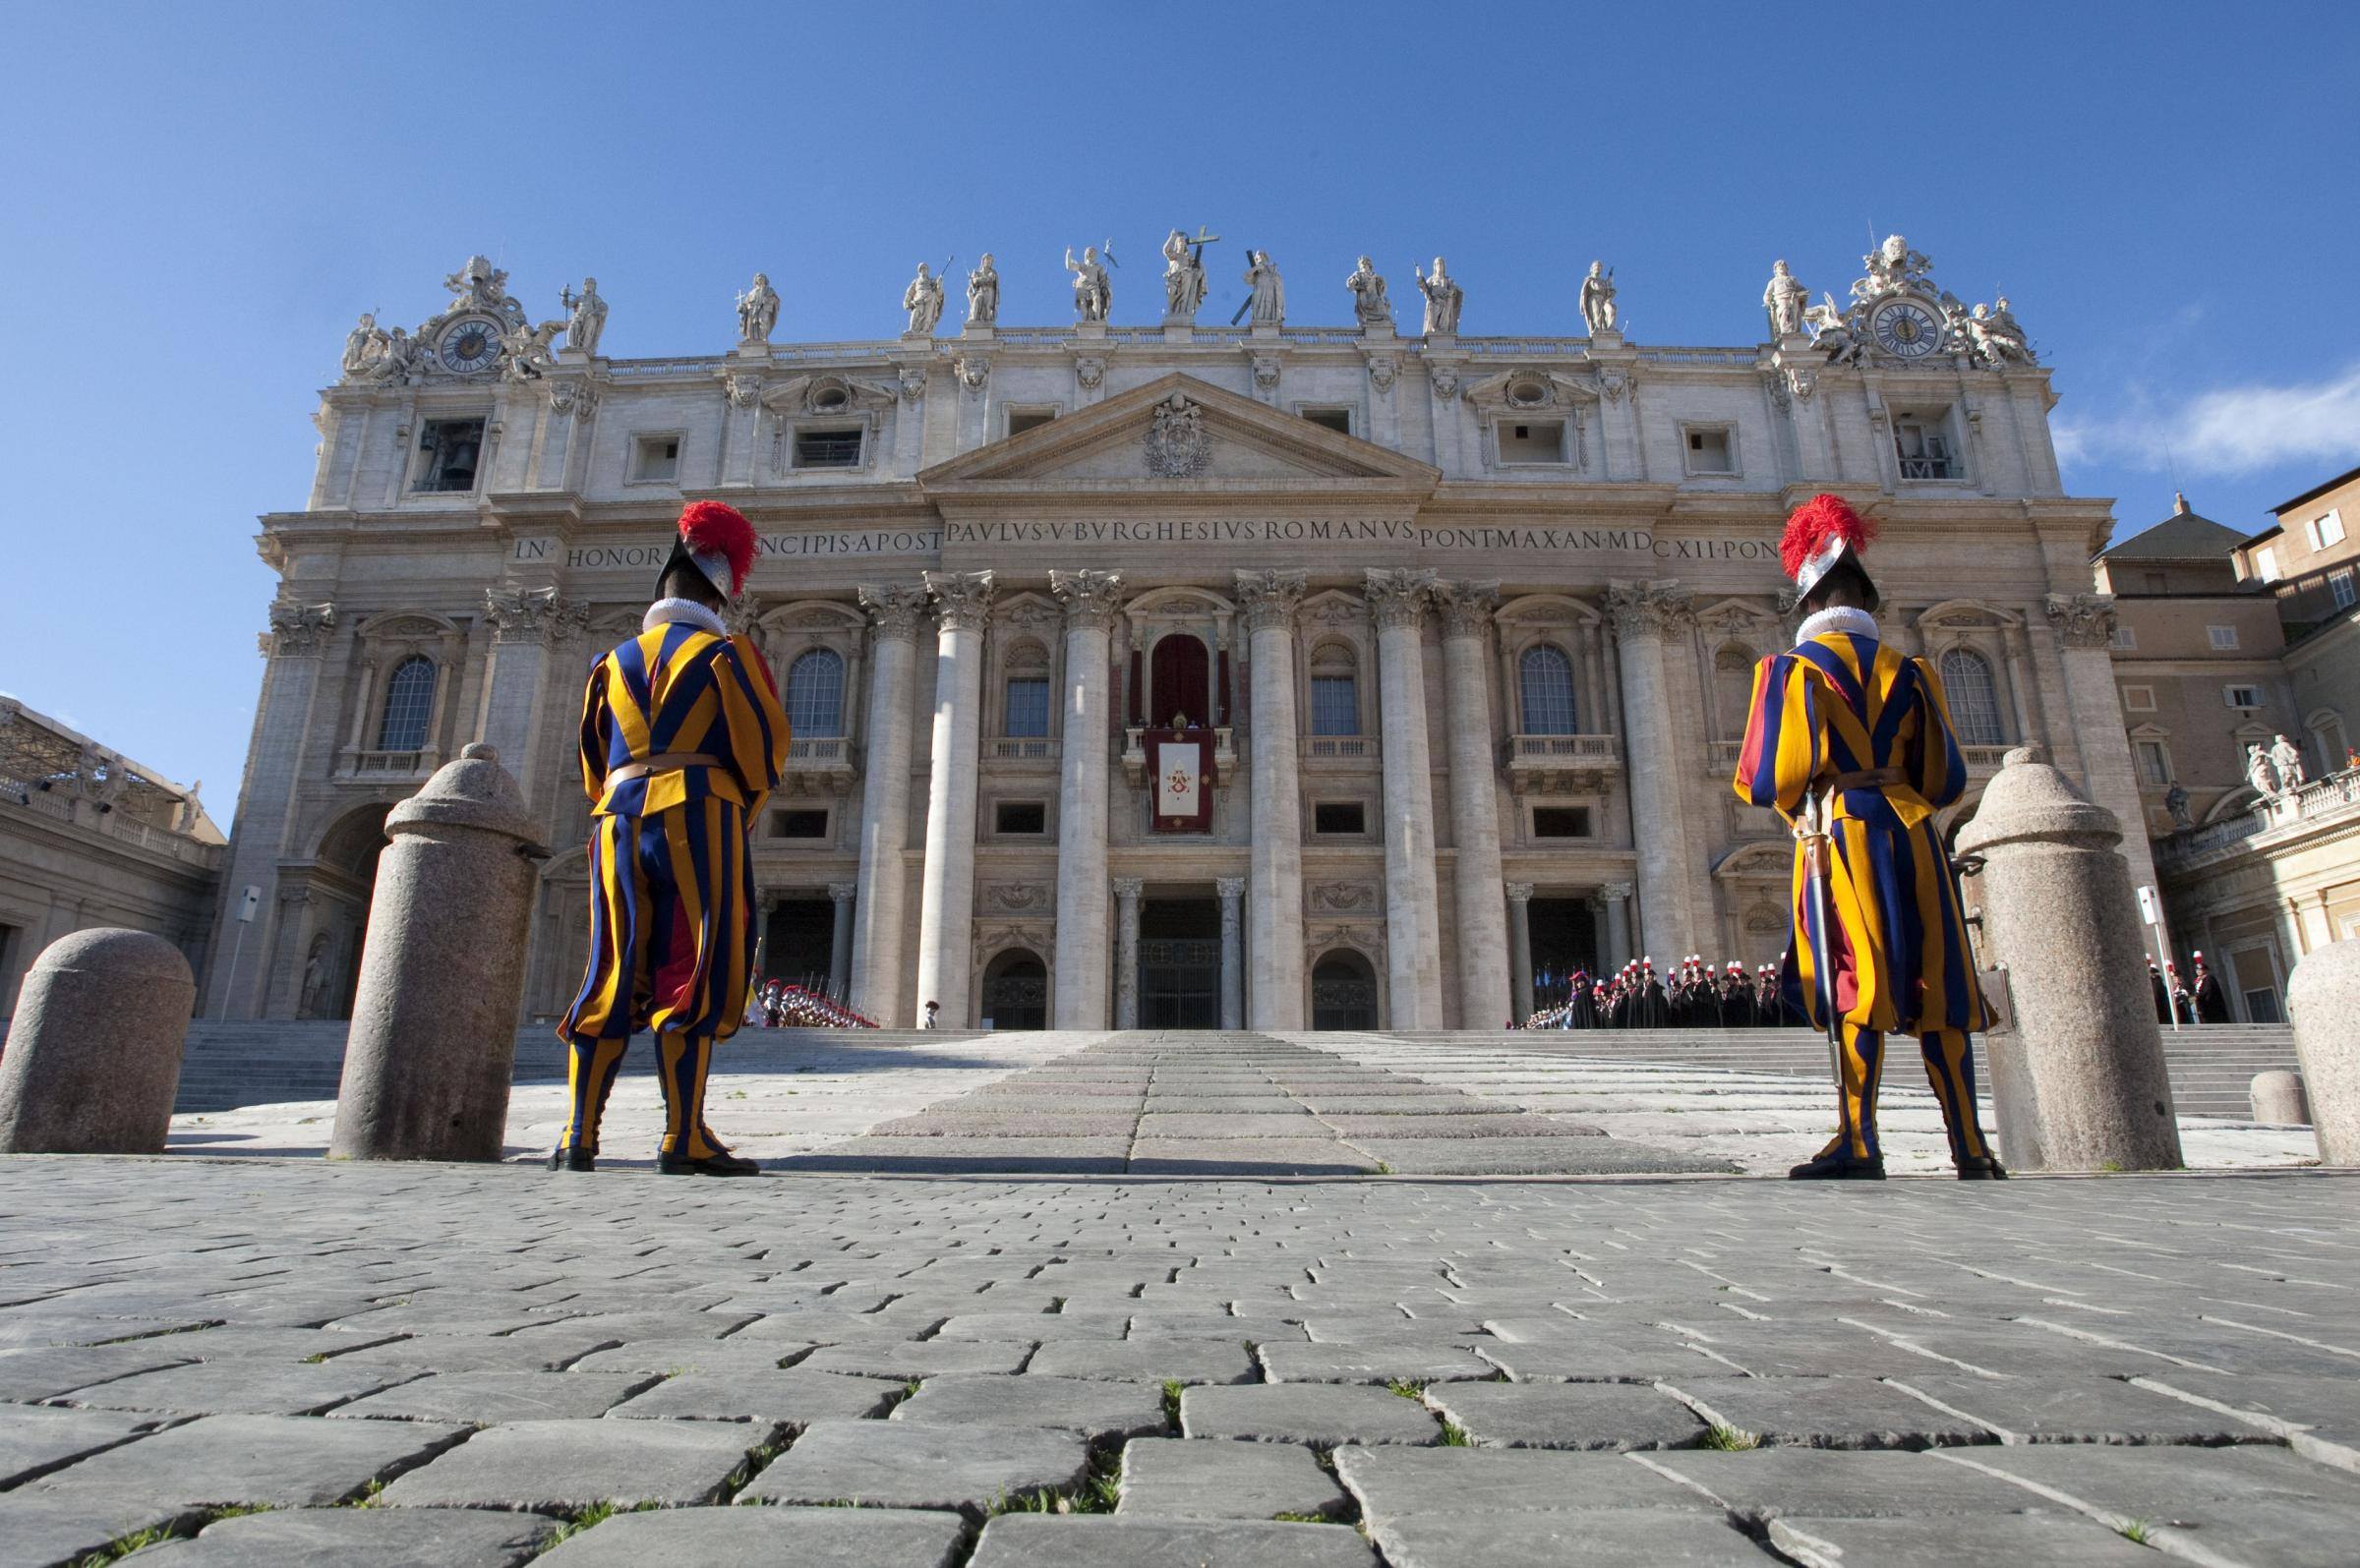 Isis ipotesi di attacco al vaticano - Le finestre sul vaticano ...